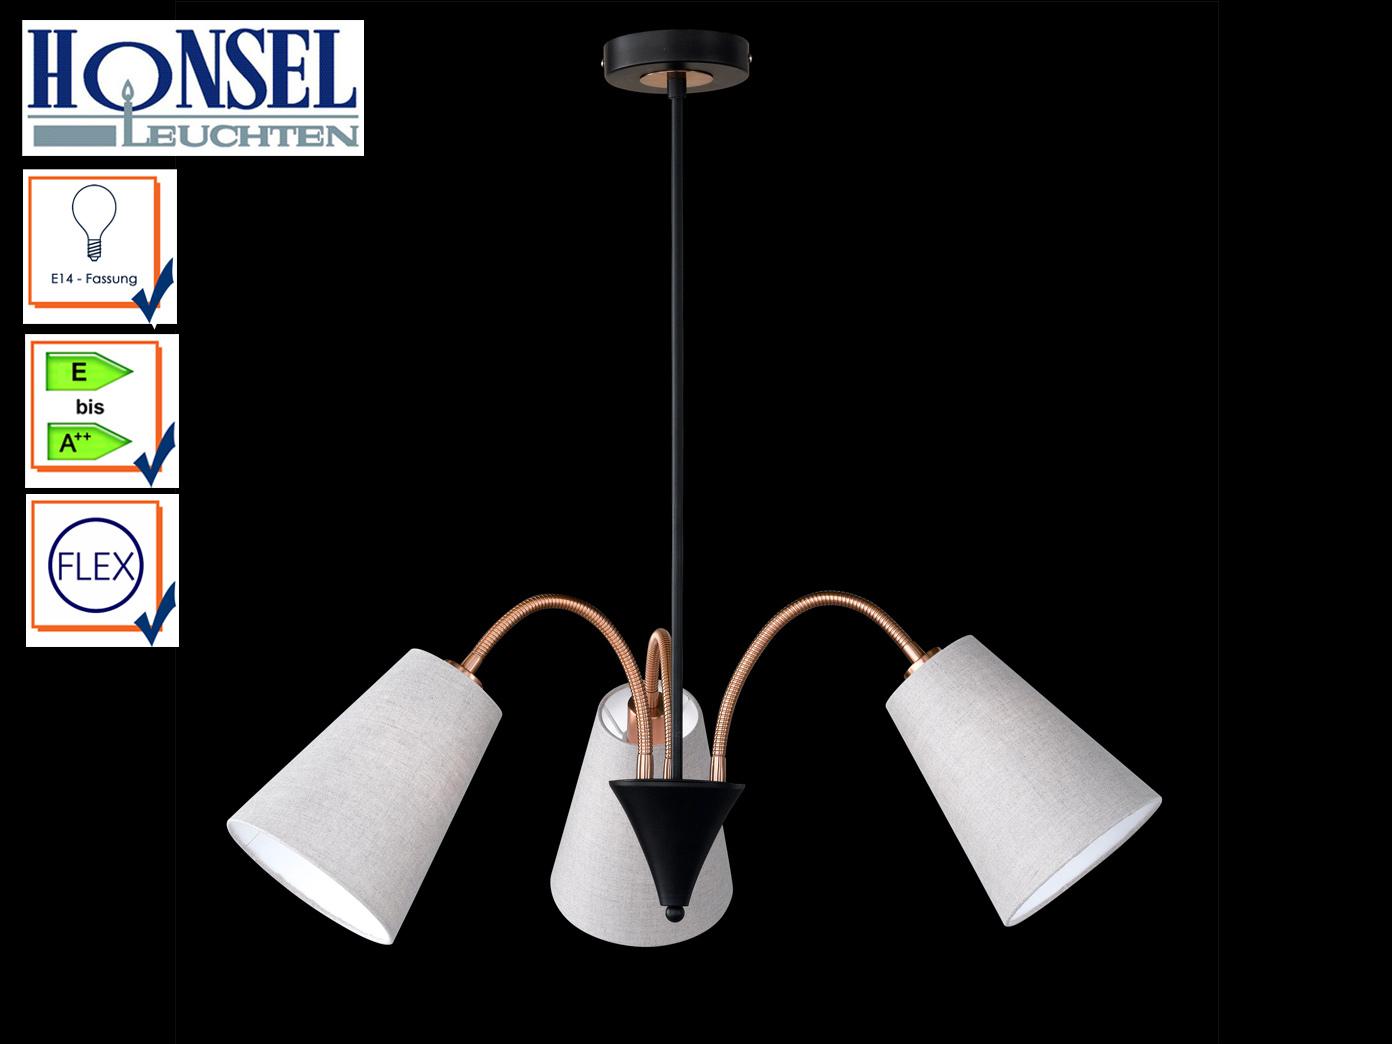 Hangelampe Schwarz Bronze Schirme Fexibel 3 Flammig Hangeleuchten